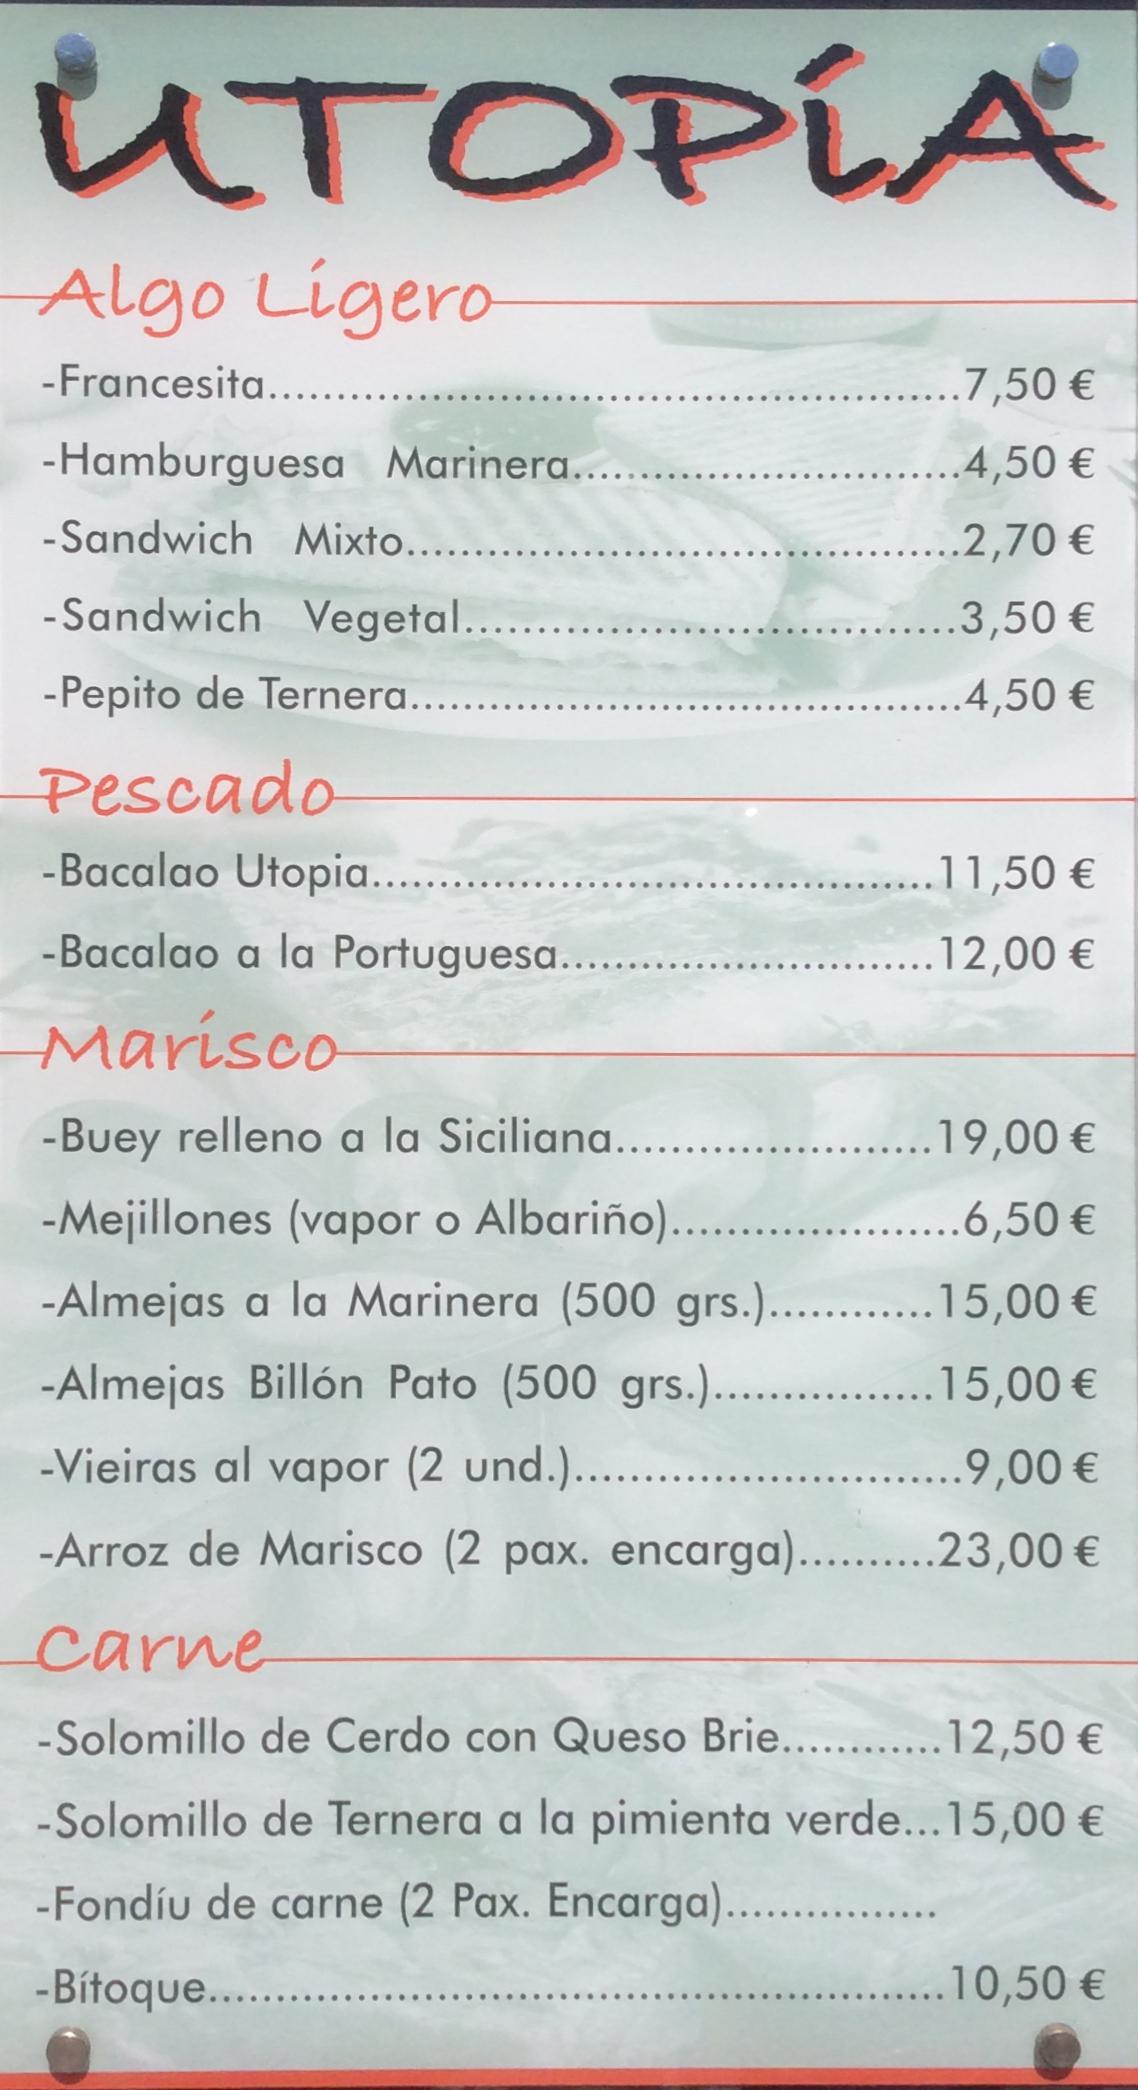 Restaurante Utopía